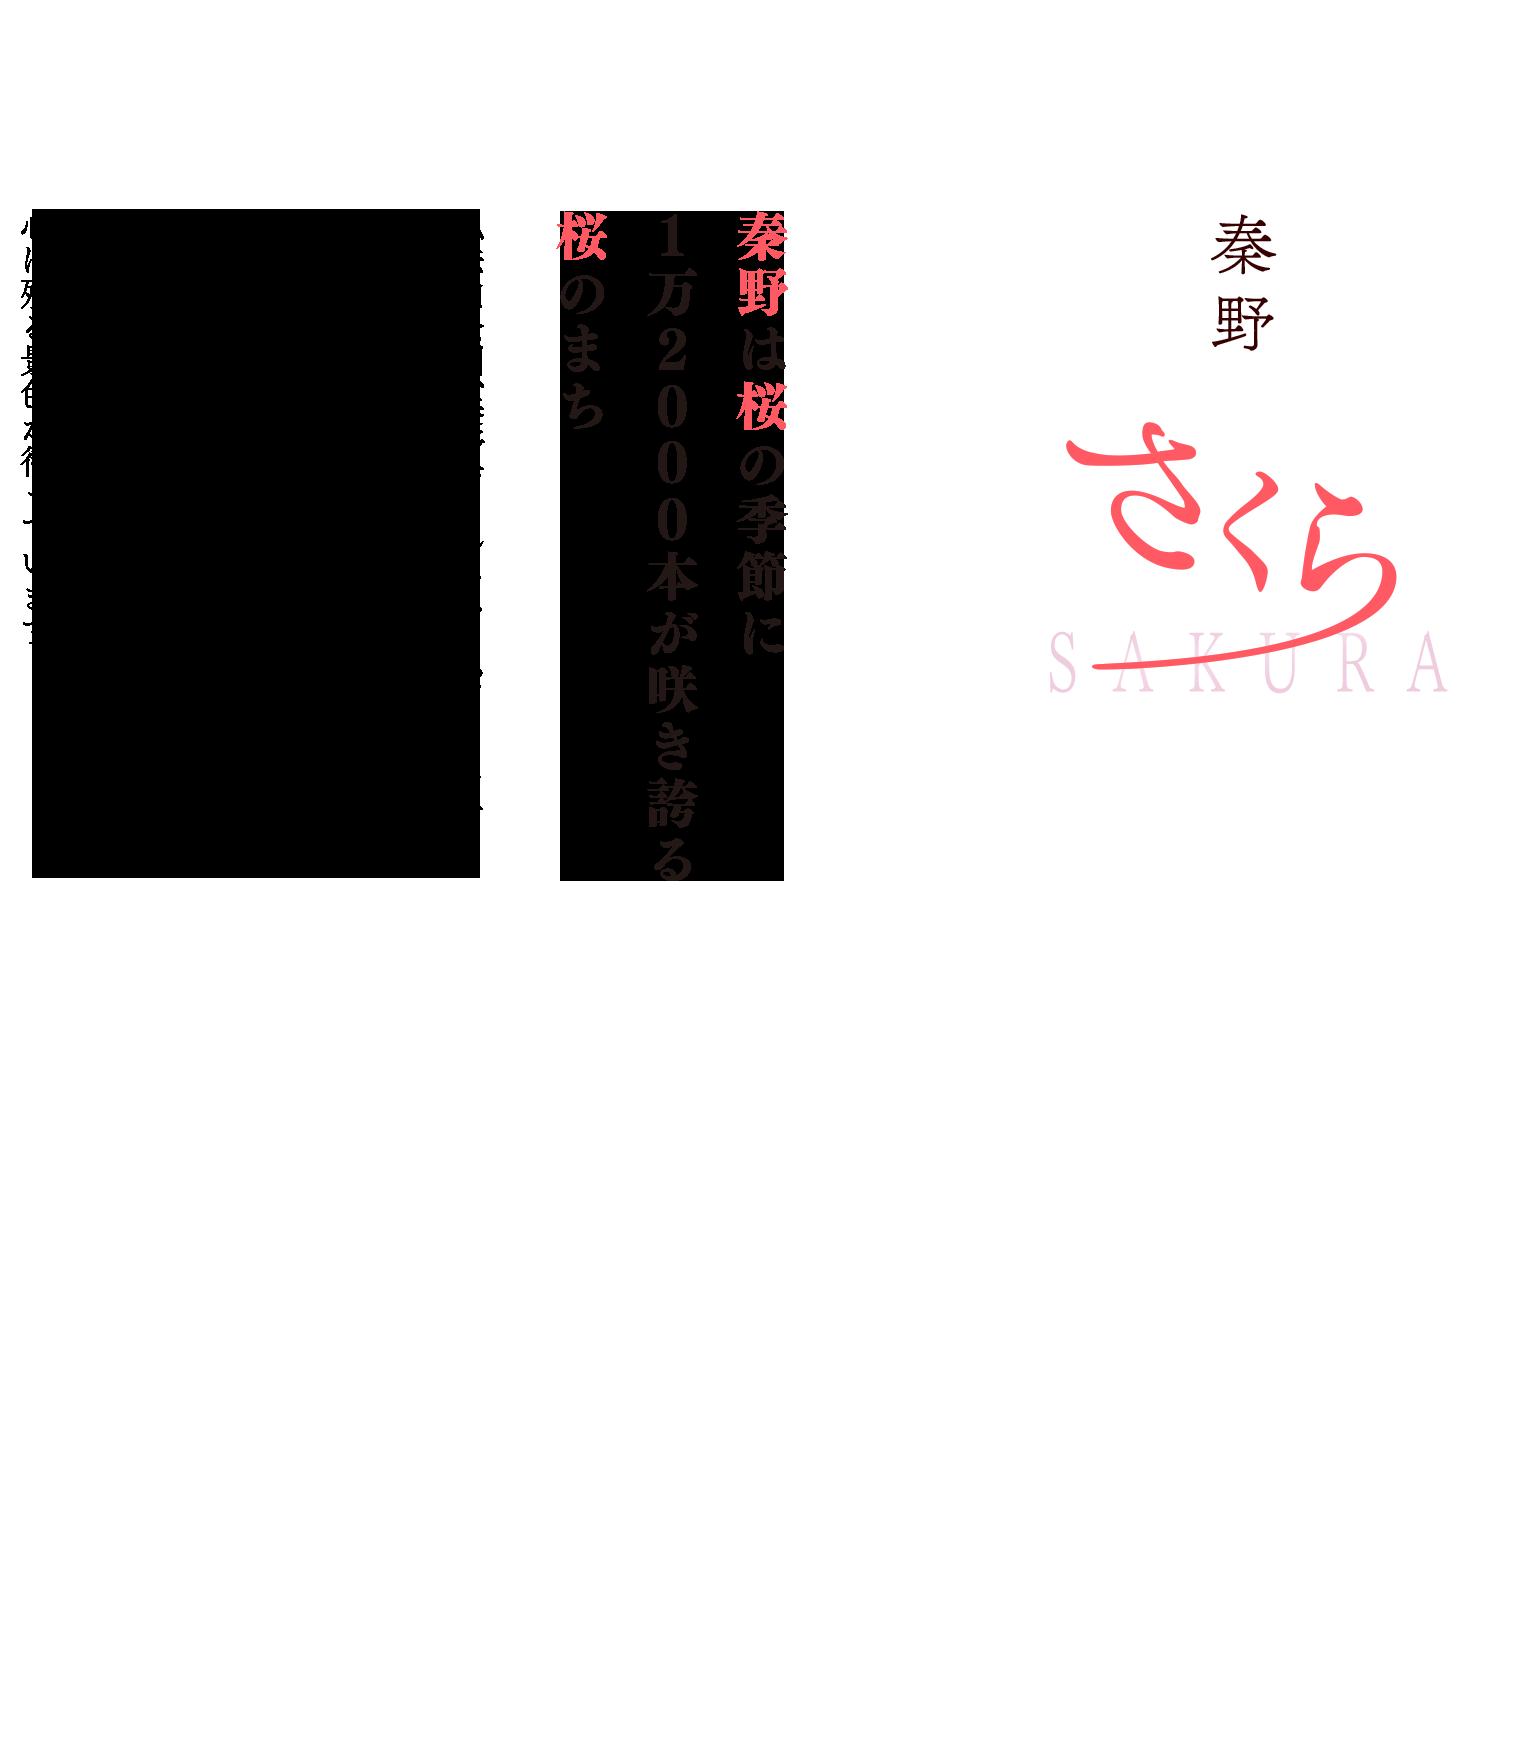 秦野は桜の季節に1万2000本が咲き誇る桜のまち